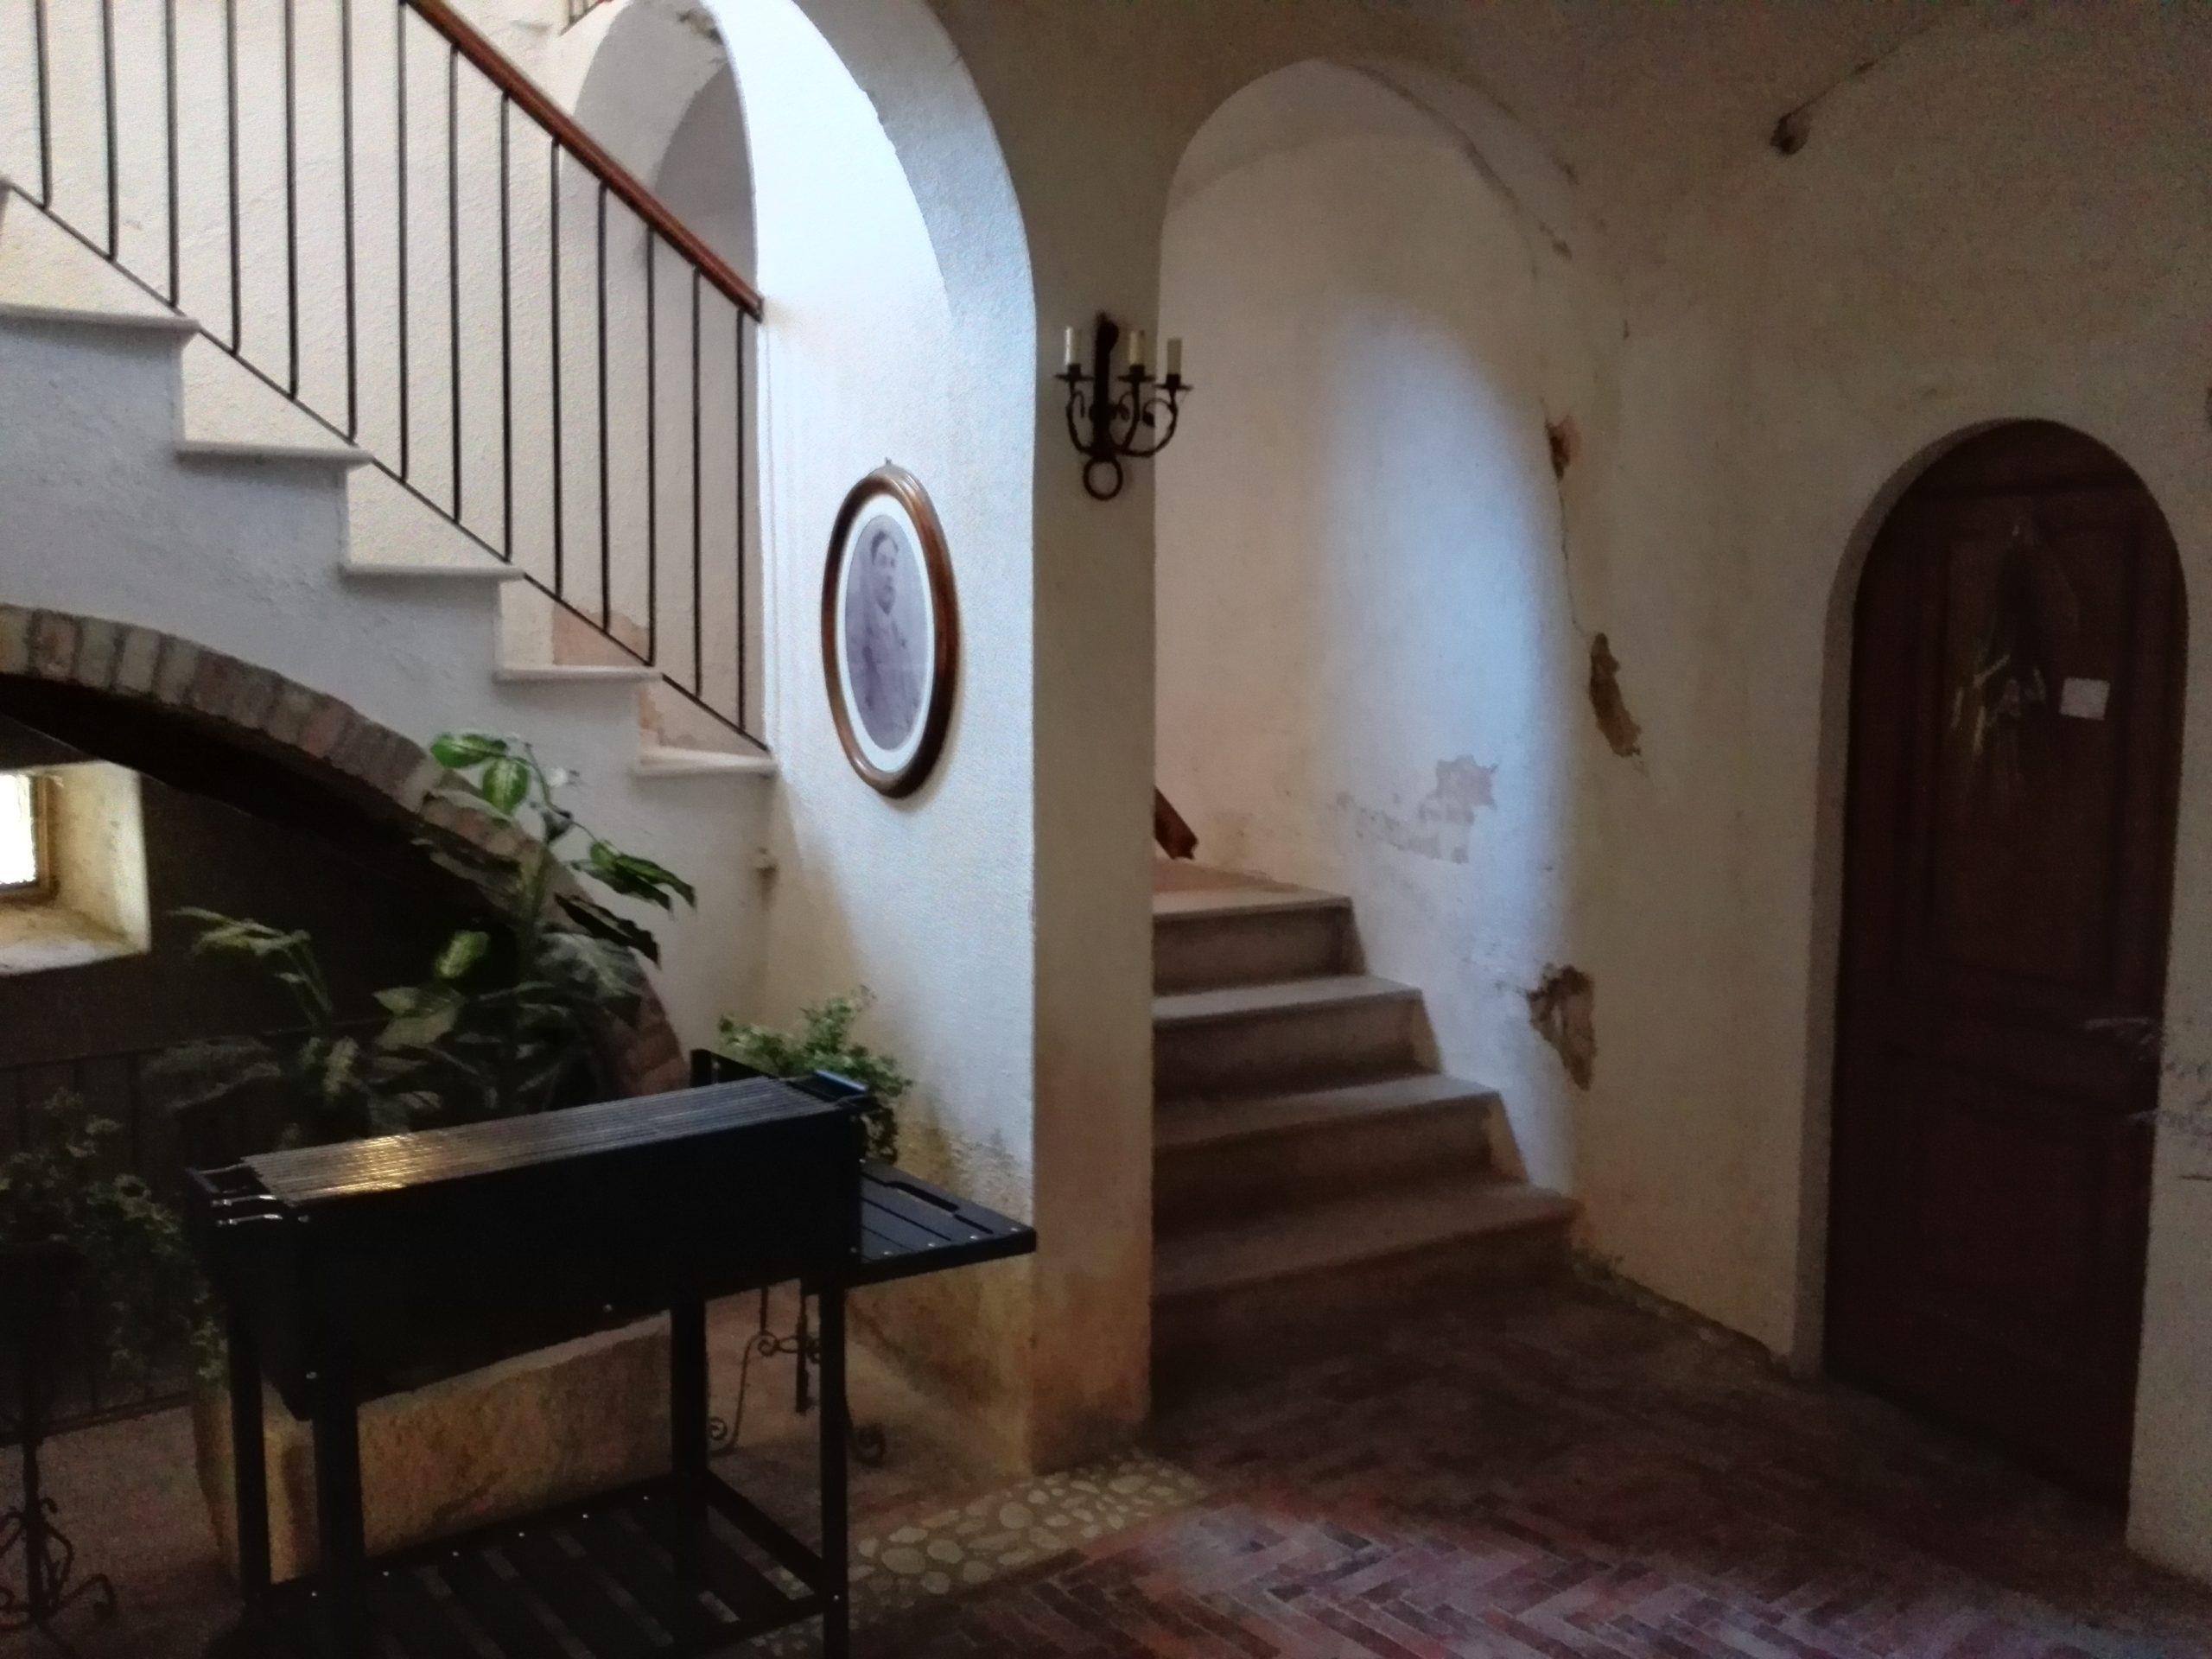 Le scale verso il piano superiore